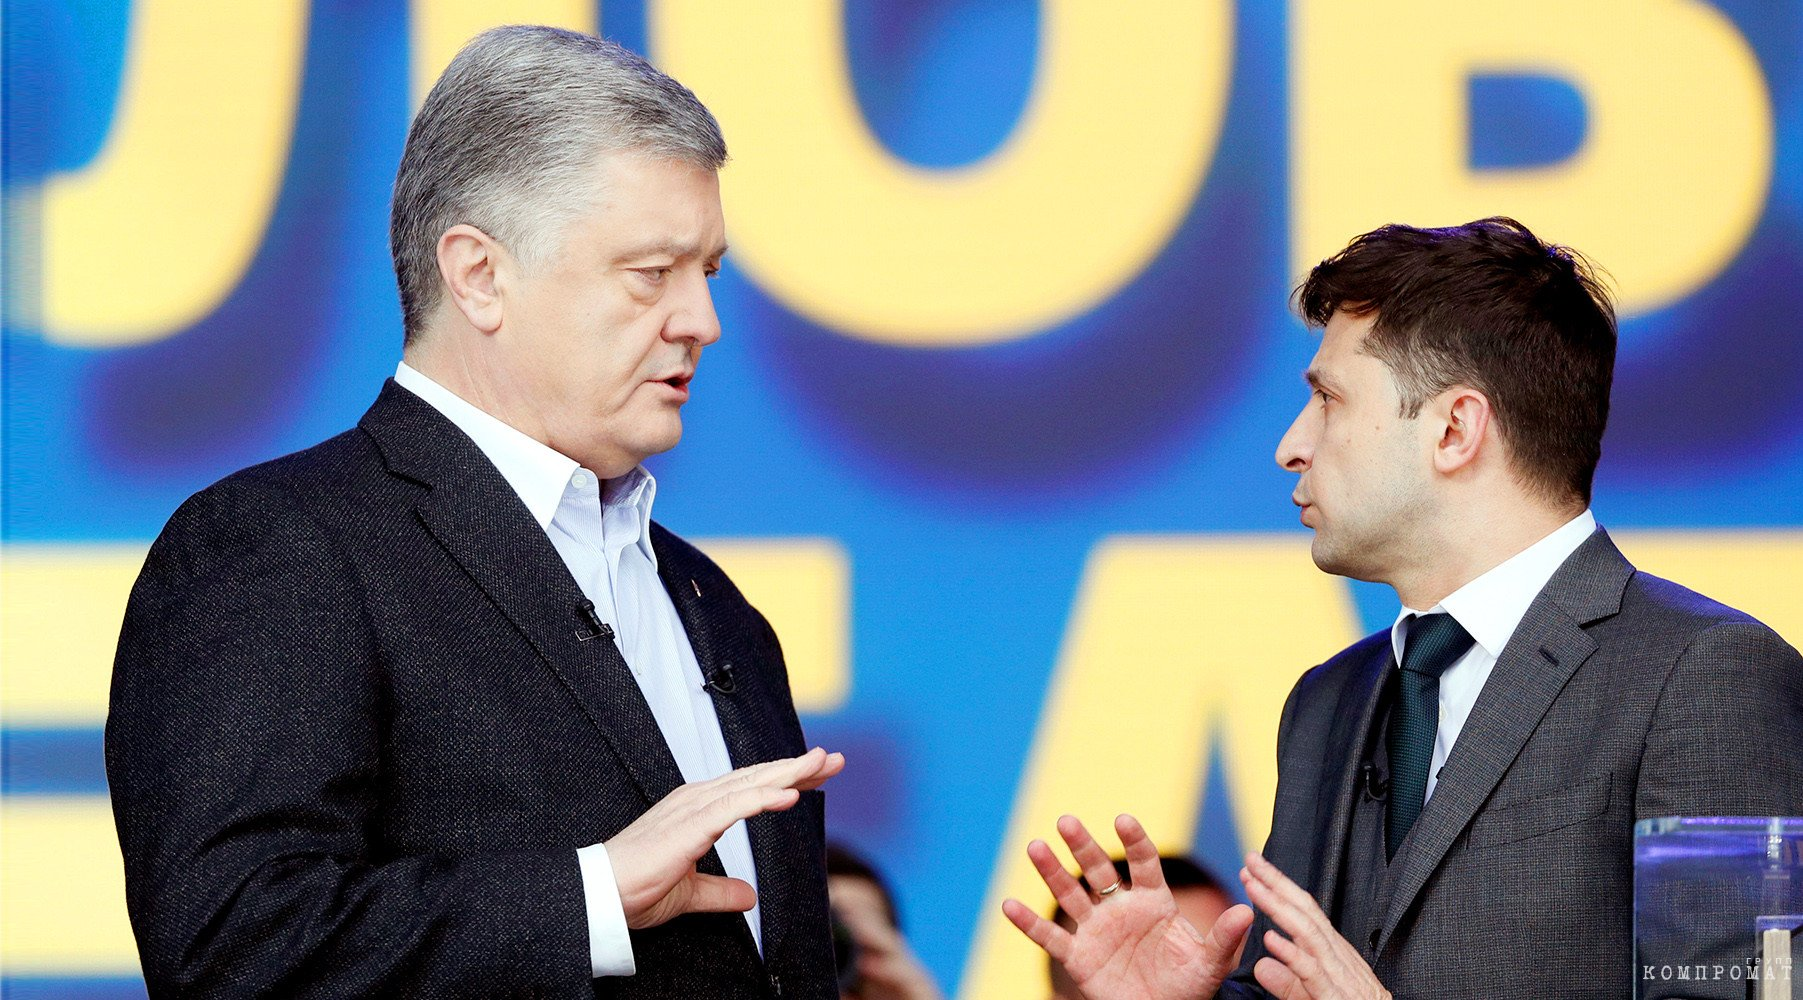 «Украина вряд ли переживёт Порошенко-2»: о чём свидетельствуют первые внешнеполитические заявления Зеленского